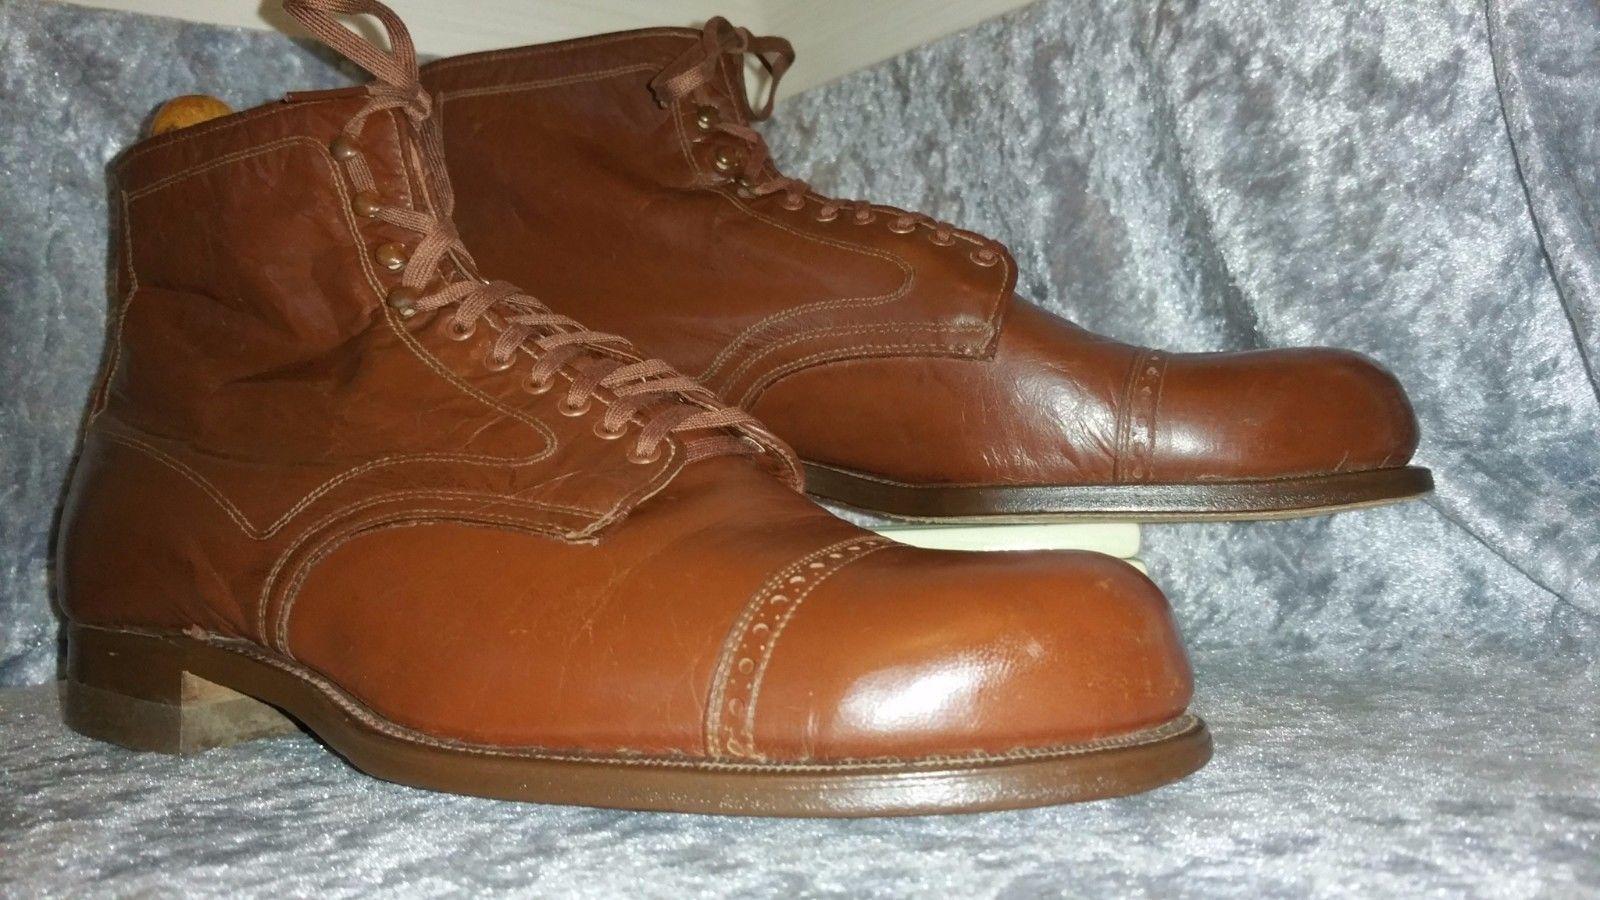 1940 50s CARTER Kidskin US 9.5 D VTG mens shoes Boots   Clothing, Shoes & Accessories, Vintage, Men's Vintage Shoes   eBay!